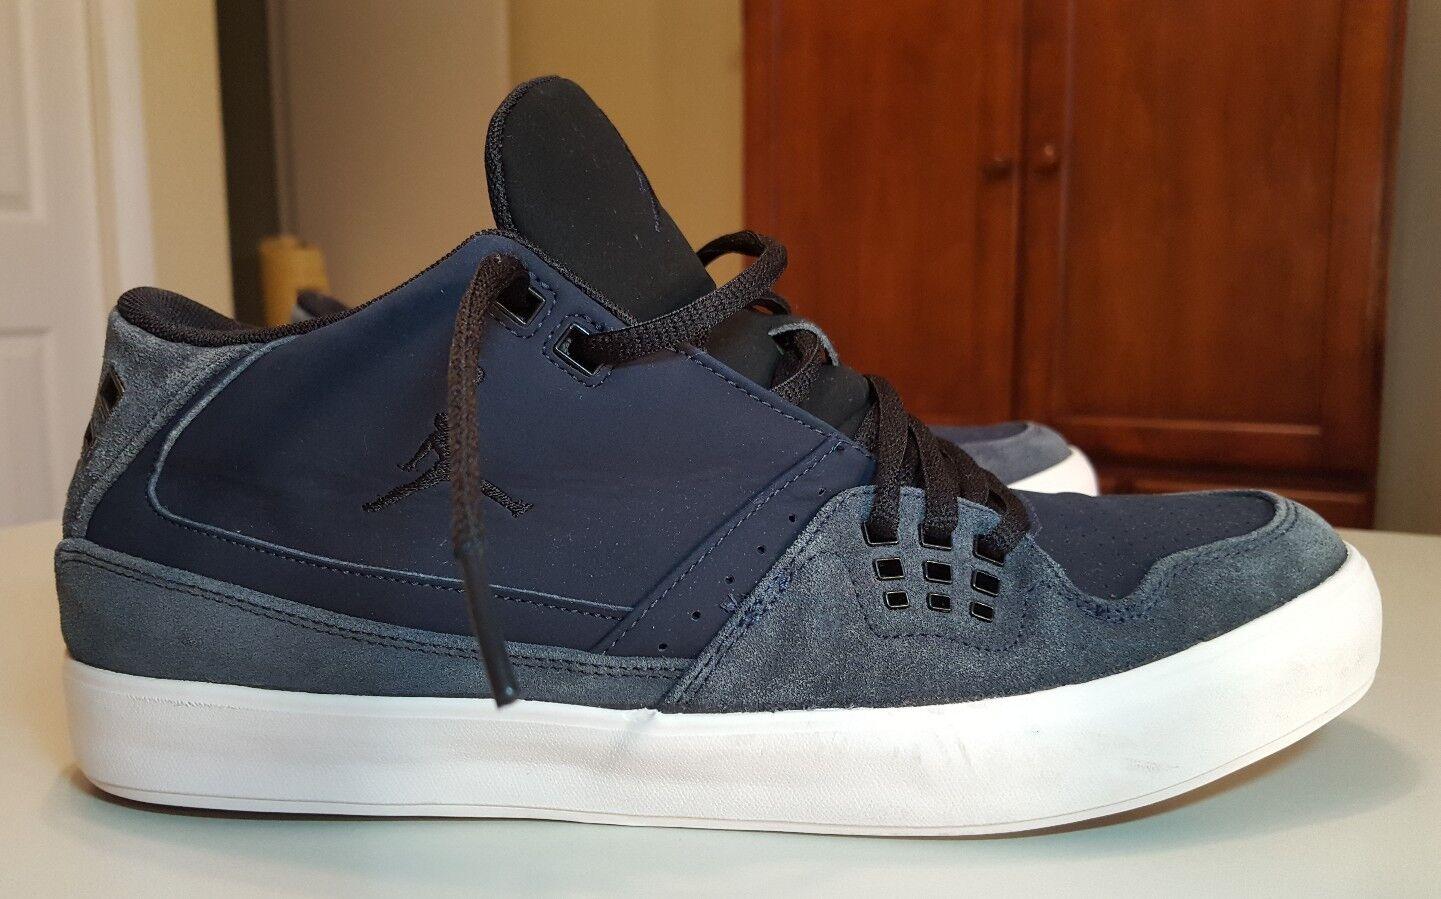 Nike Air Jordan Flight 23 chaussures, 510892-401 noir homme Basketball chaussures, 23 9b0944